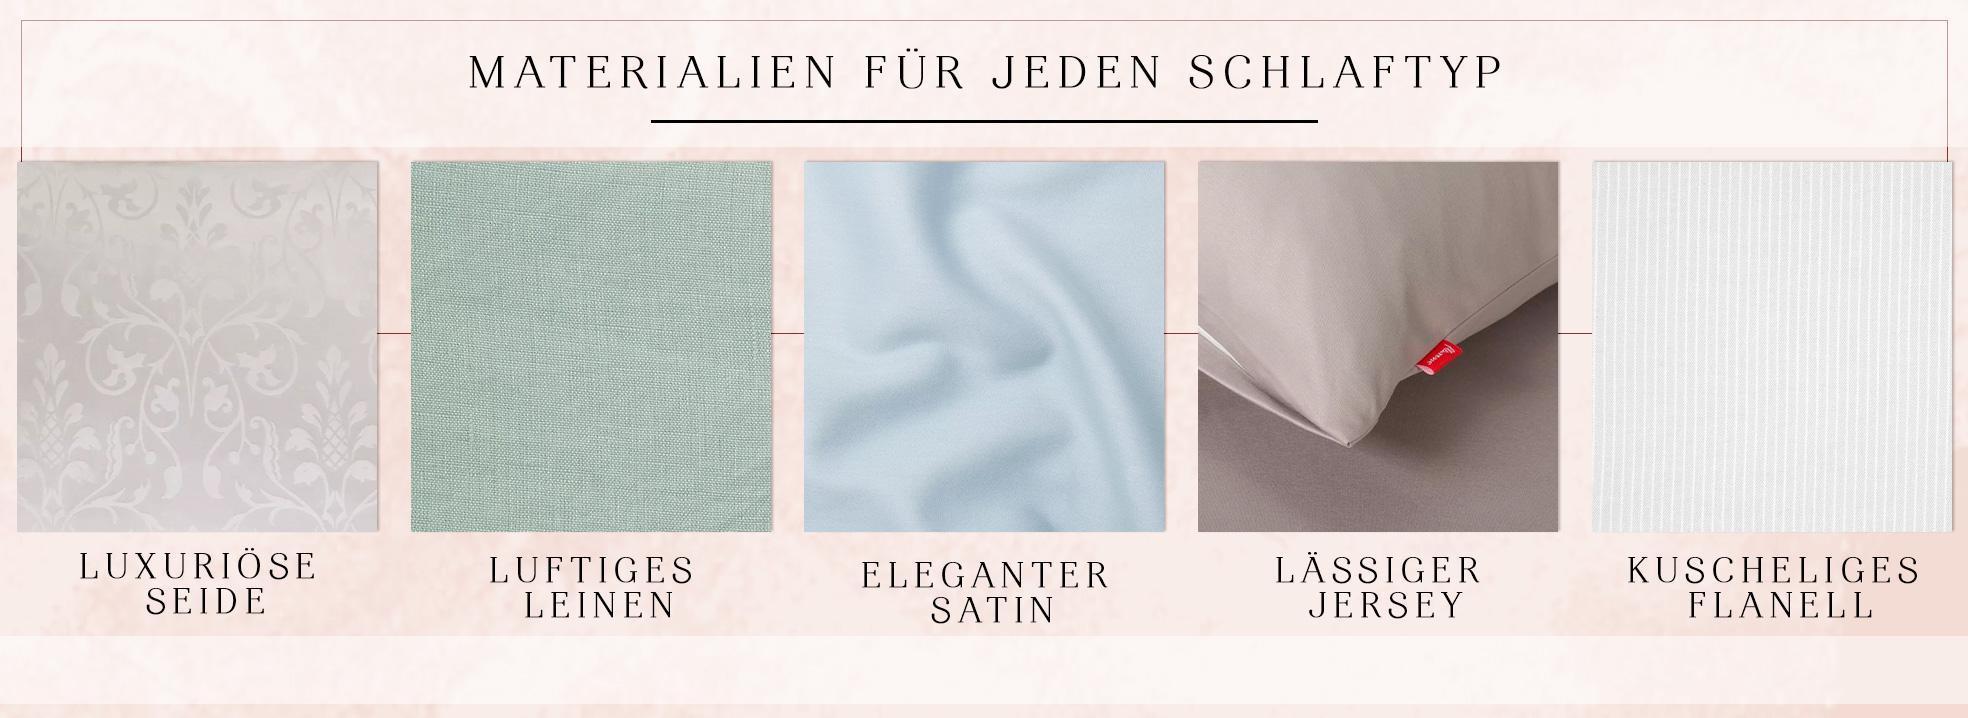 Infografik zu den verschiedenen Bettwäsche Materialien je nach Schlaftyp